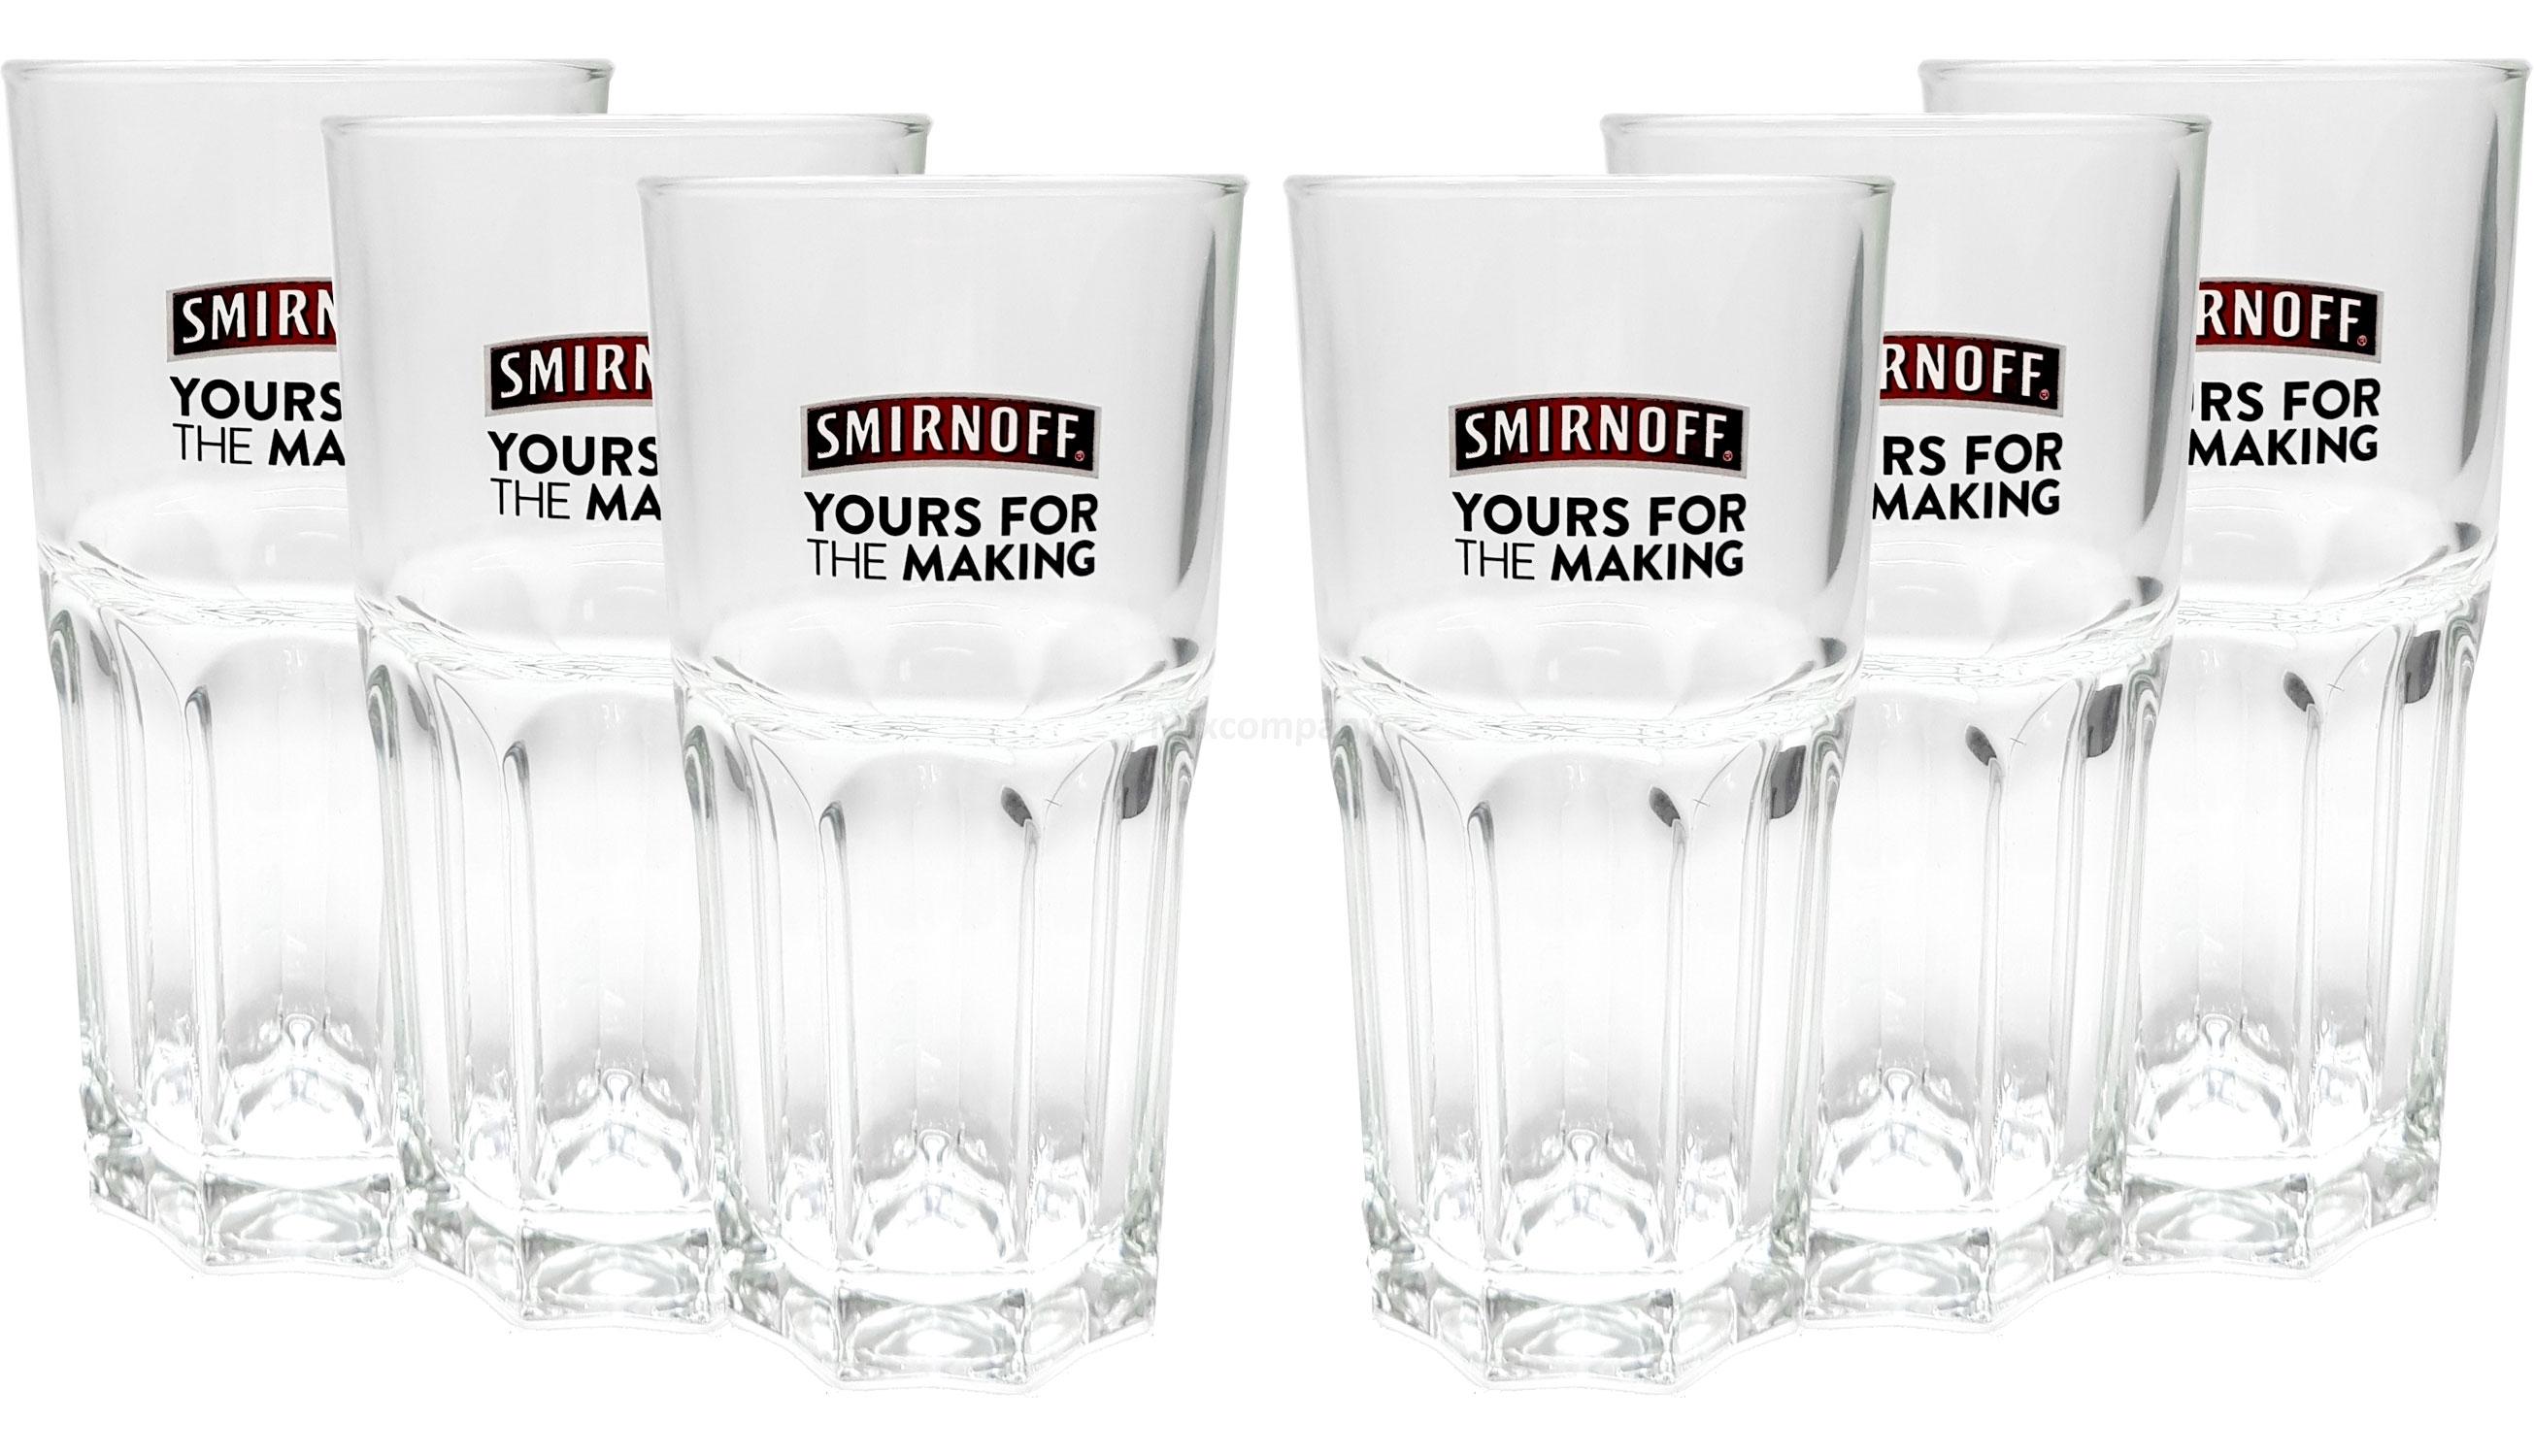 Smirnoff Longdrink Gläserset - 6x Gläser 2/4cl geeicht